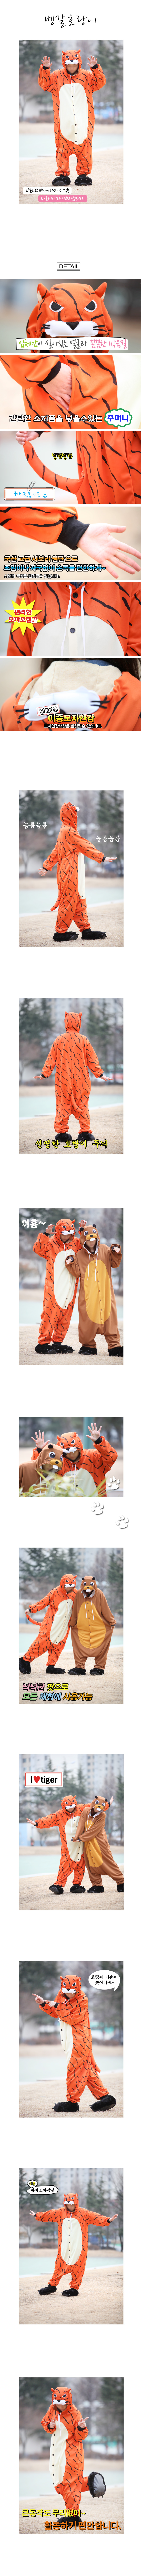 사계절동물잠옷-벵갈호랑이 - 사자크동물잠옷, 37,000원, 잠옷, 커플파자마